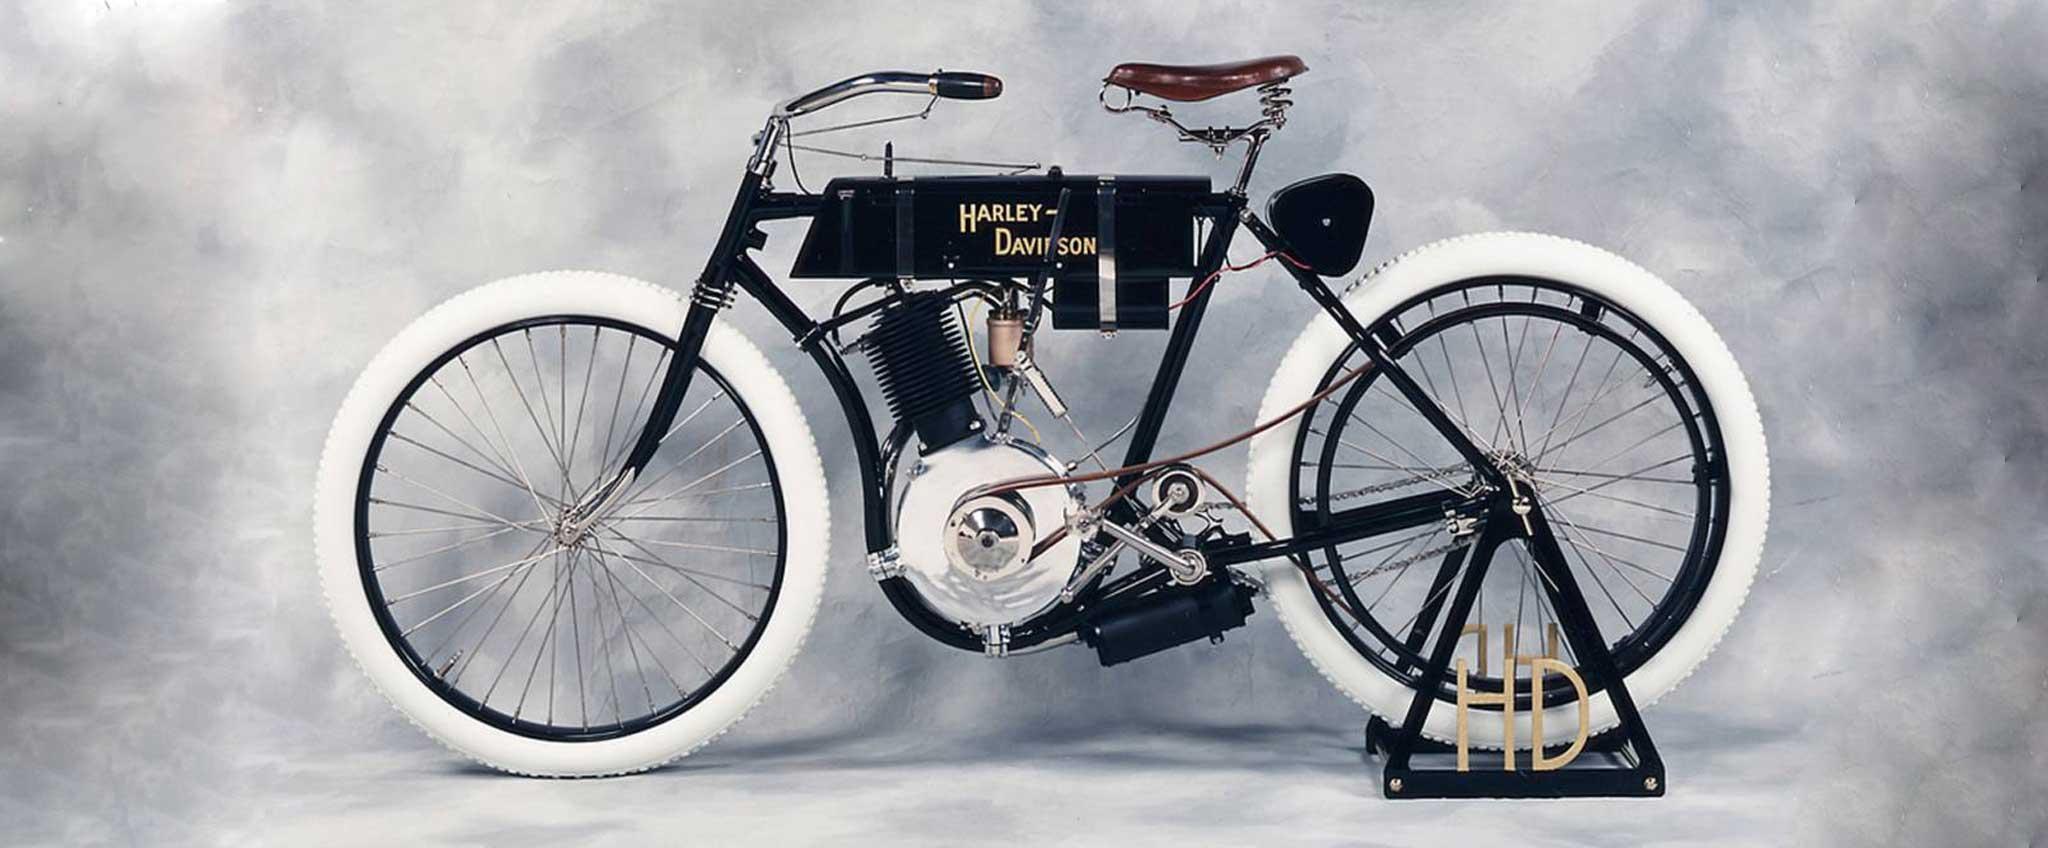 موتور سیکلت هارلی